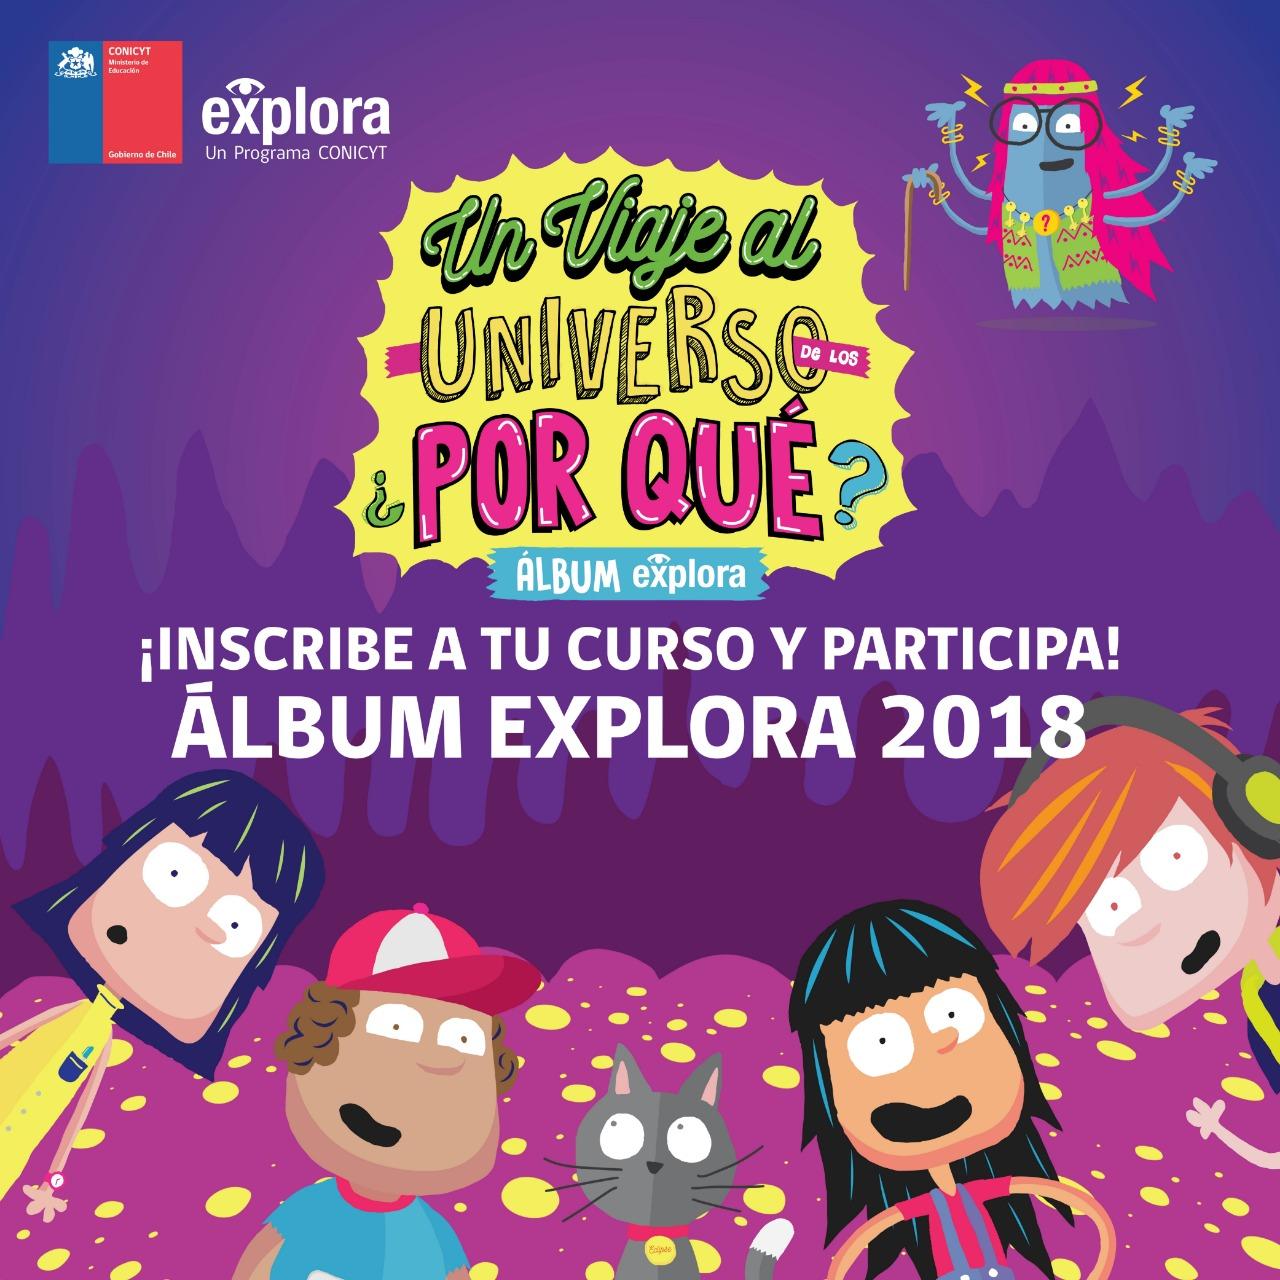 album explora 2